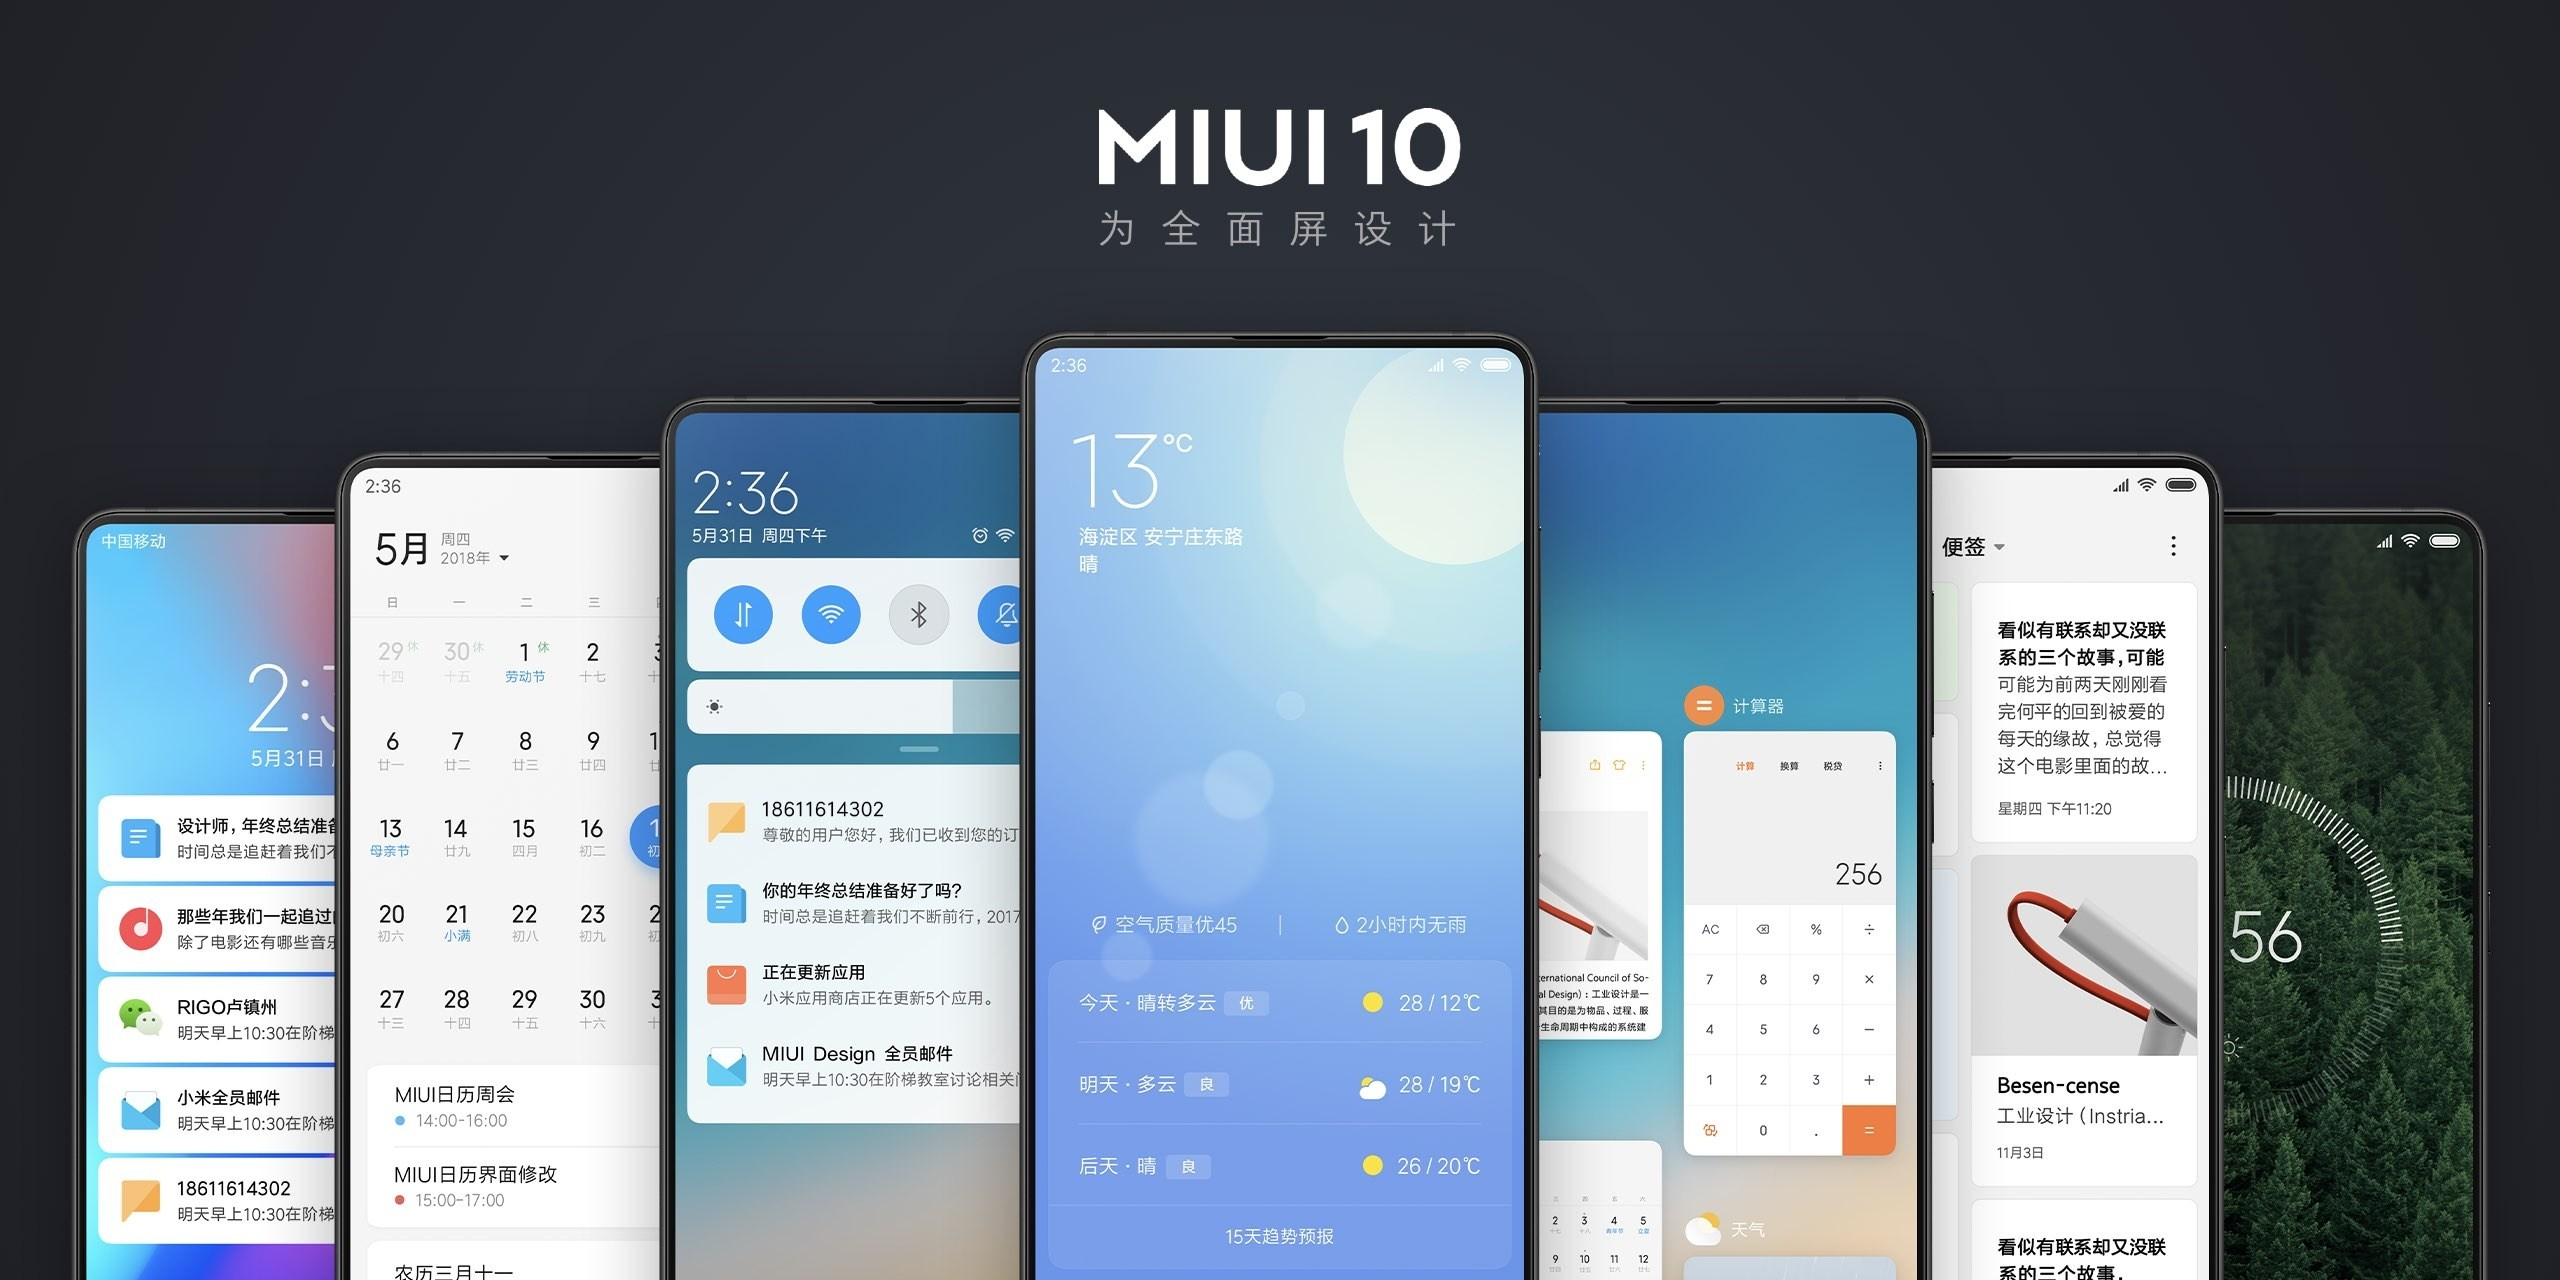 Xiaomi annonce MIUI 10 : les nouveautés, les appareils compatibles et sa date de sortie